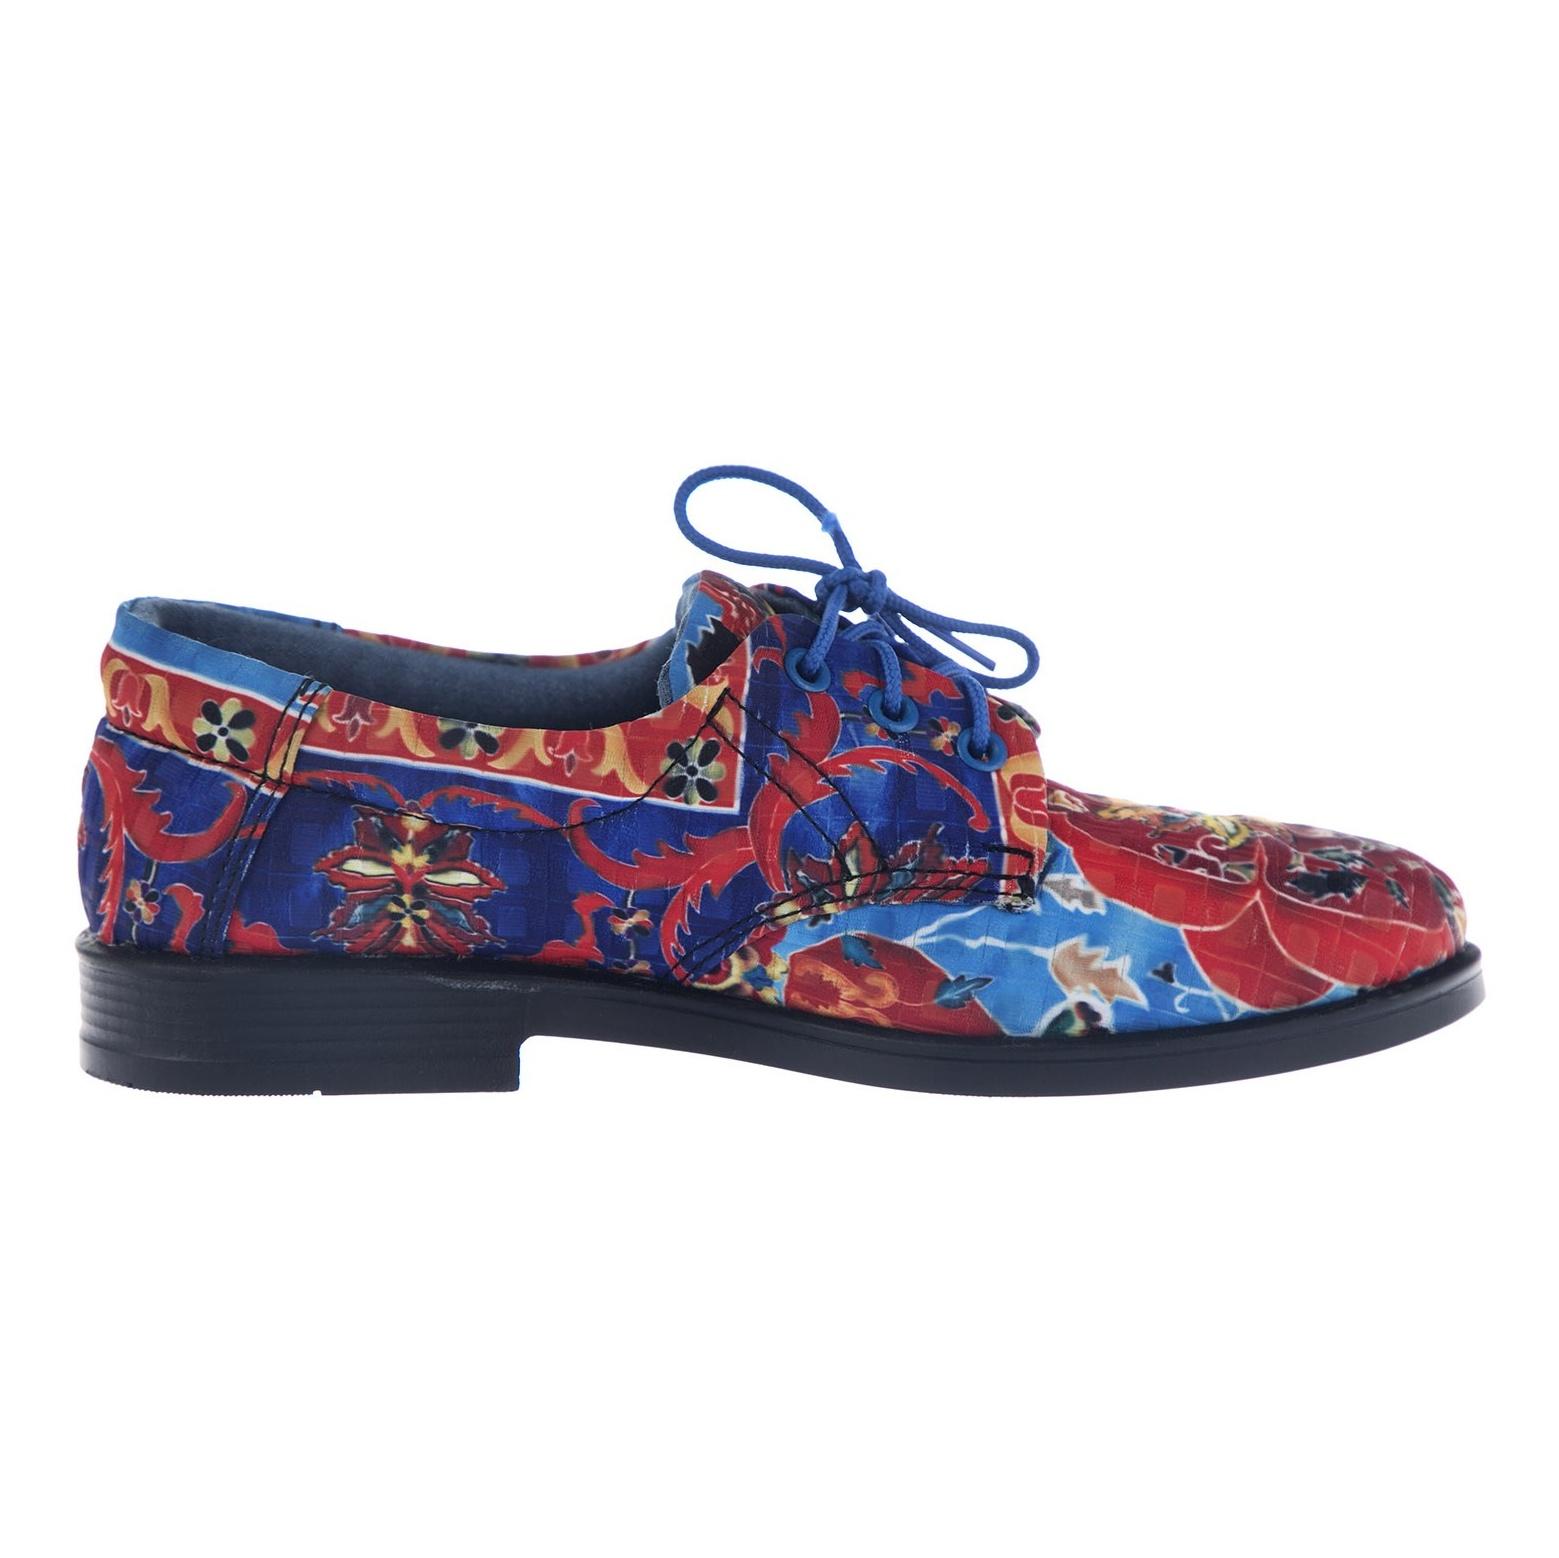 کفش تخت زنانه مدل نقاشی - مینا فخارزاده - قرمز/ آبی - 1